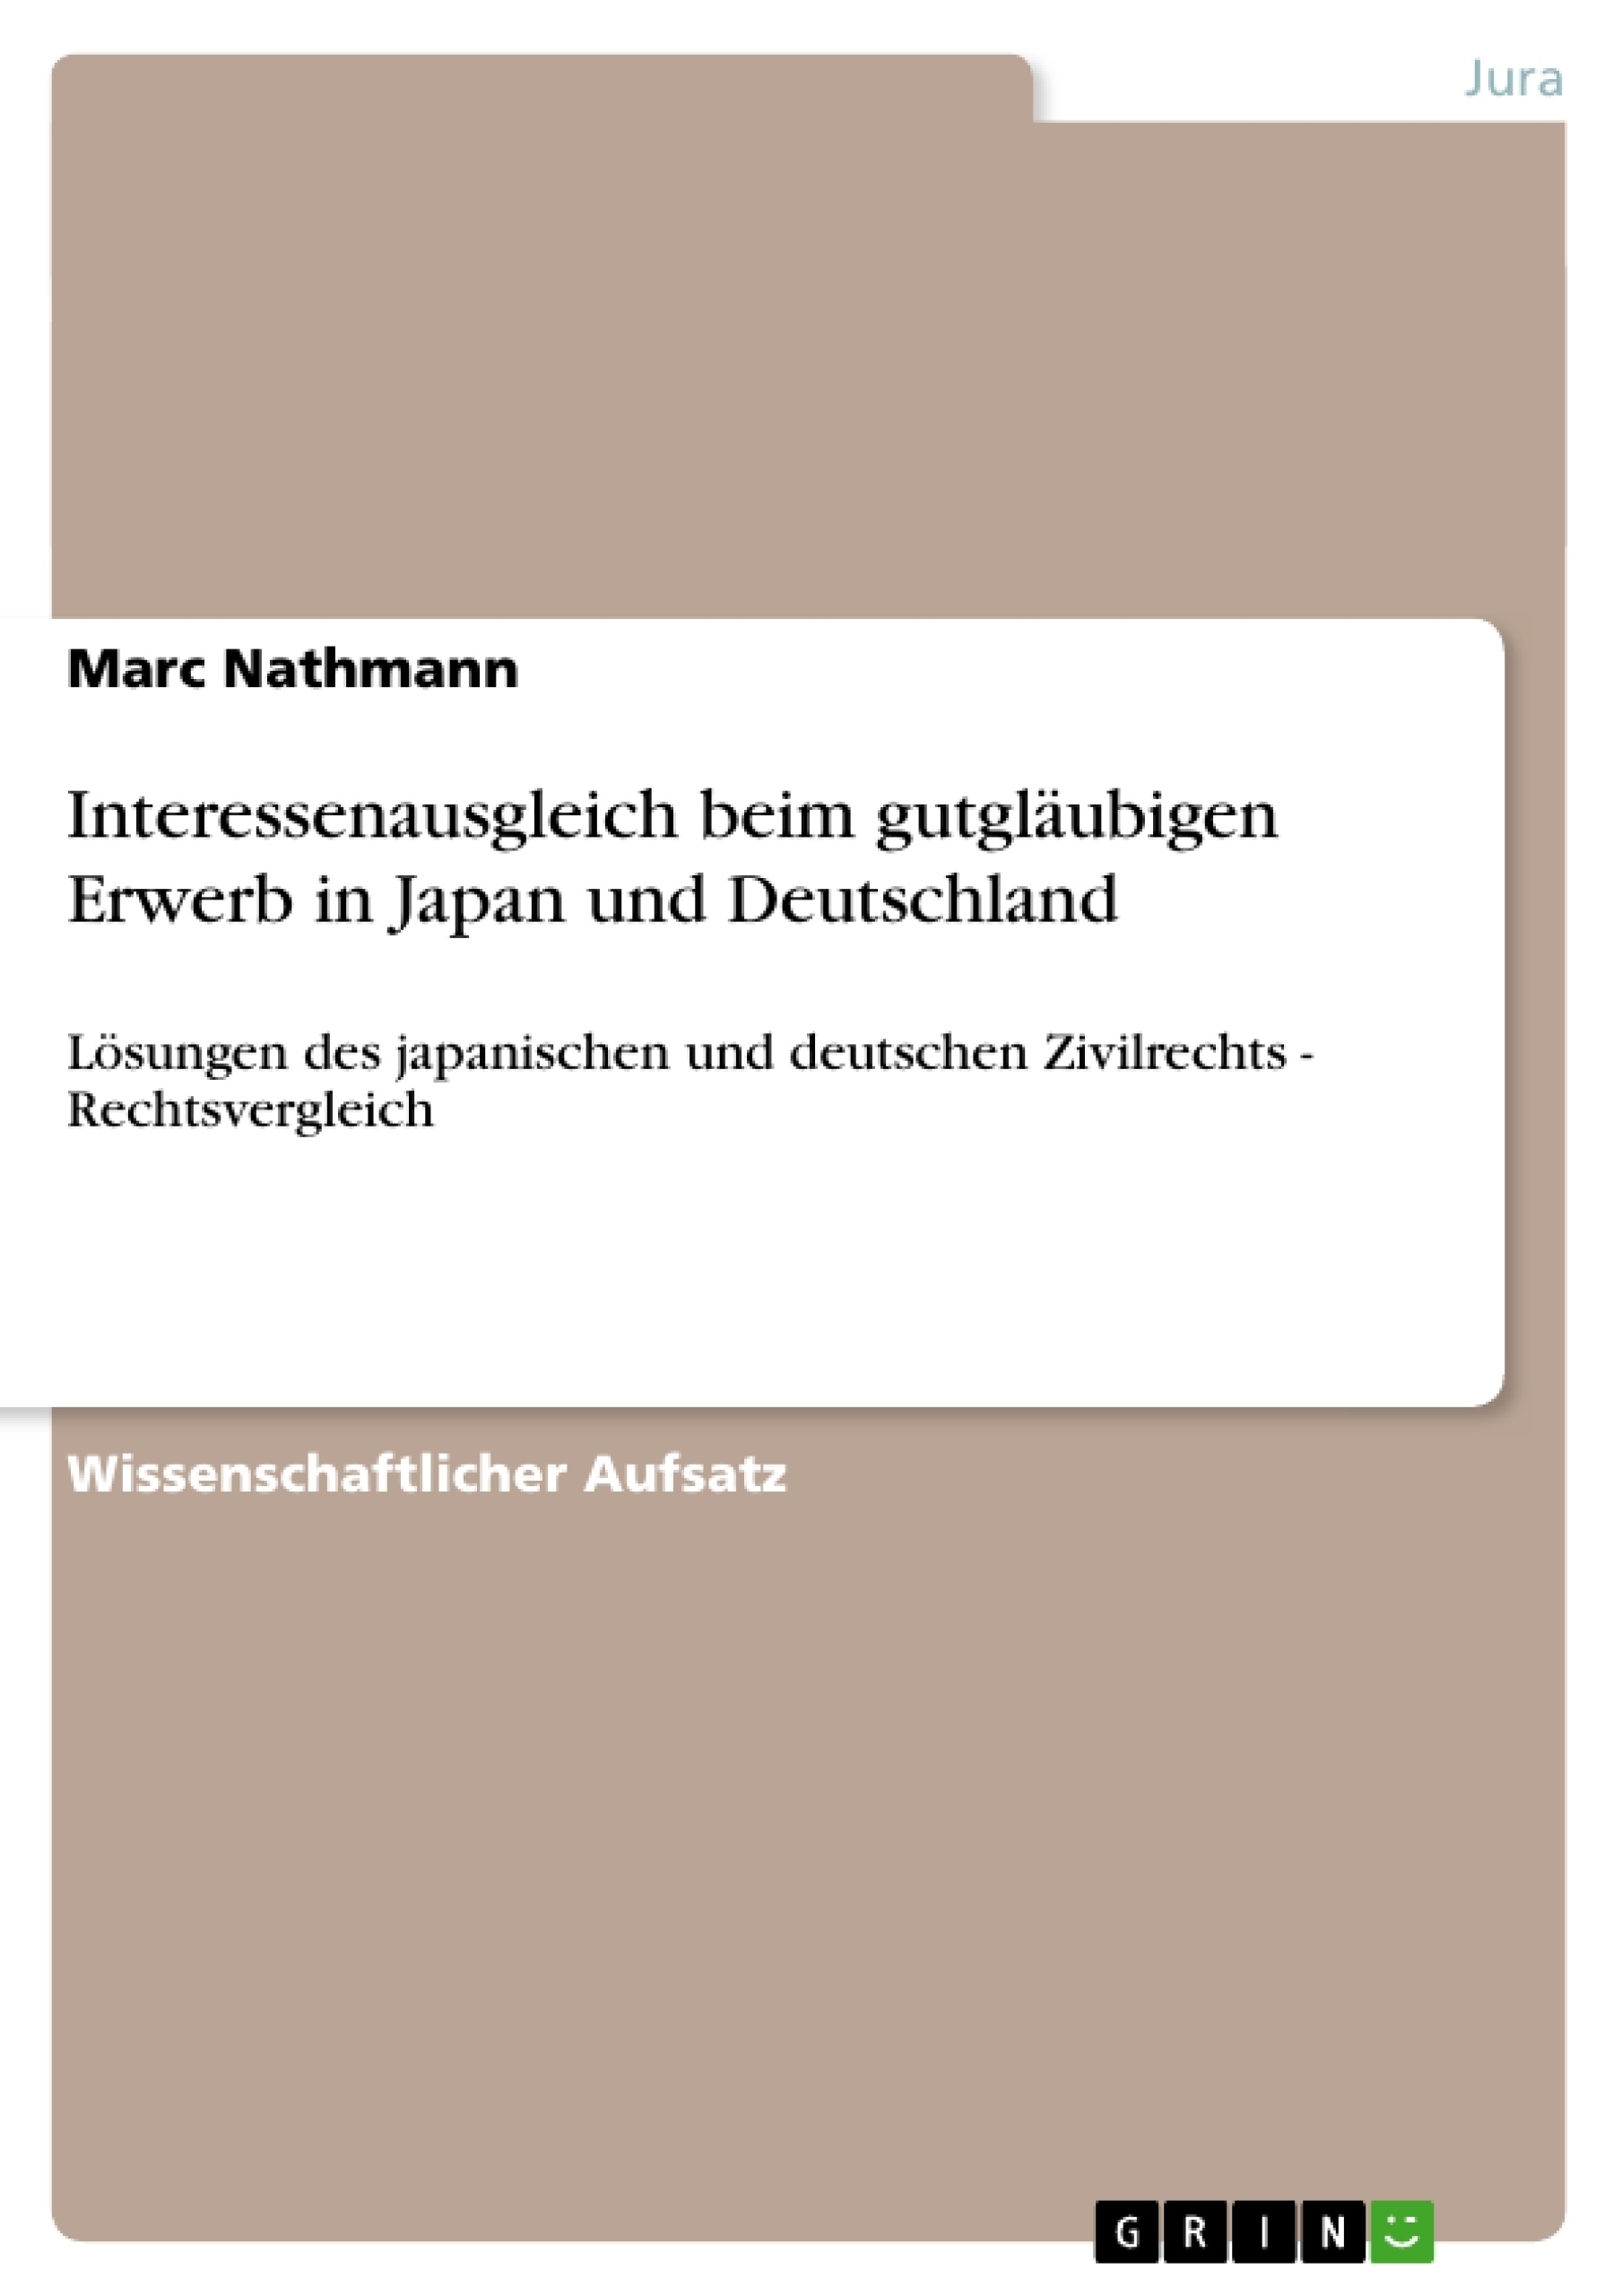 Titel: Interessenausgleich beim gutgläubigen Erwerb in Japan und Deutschland